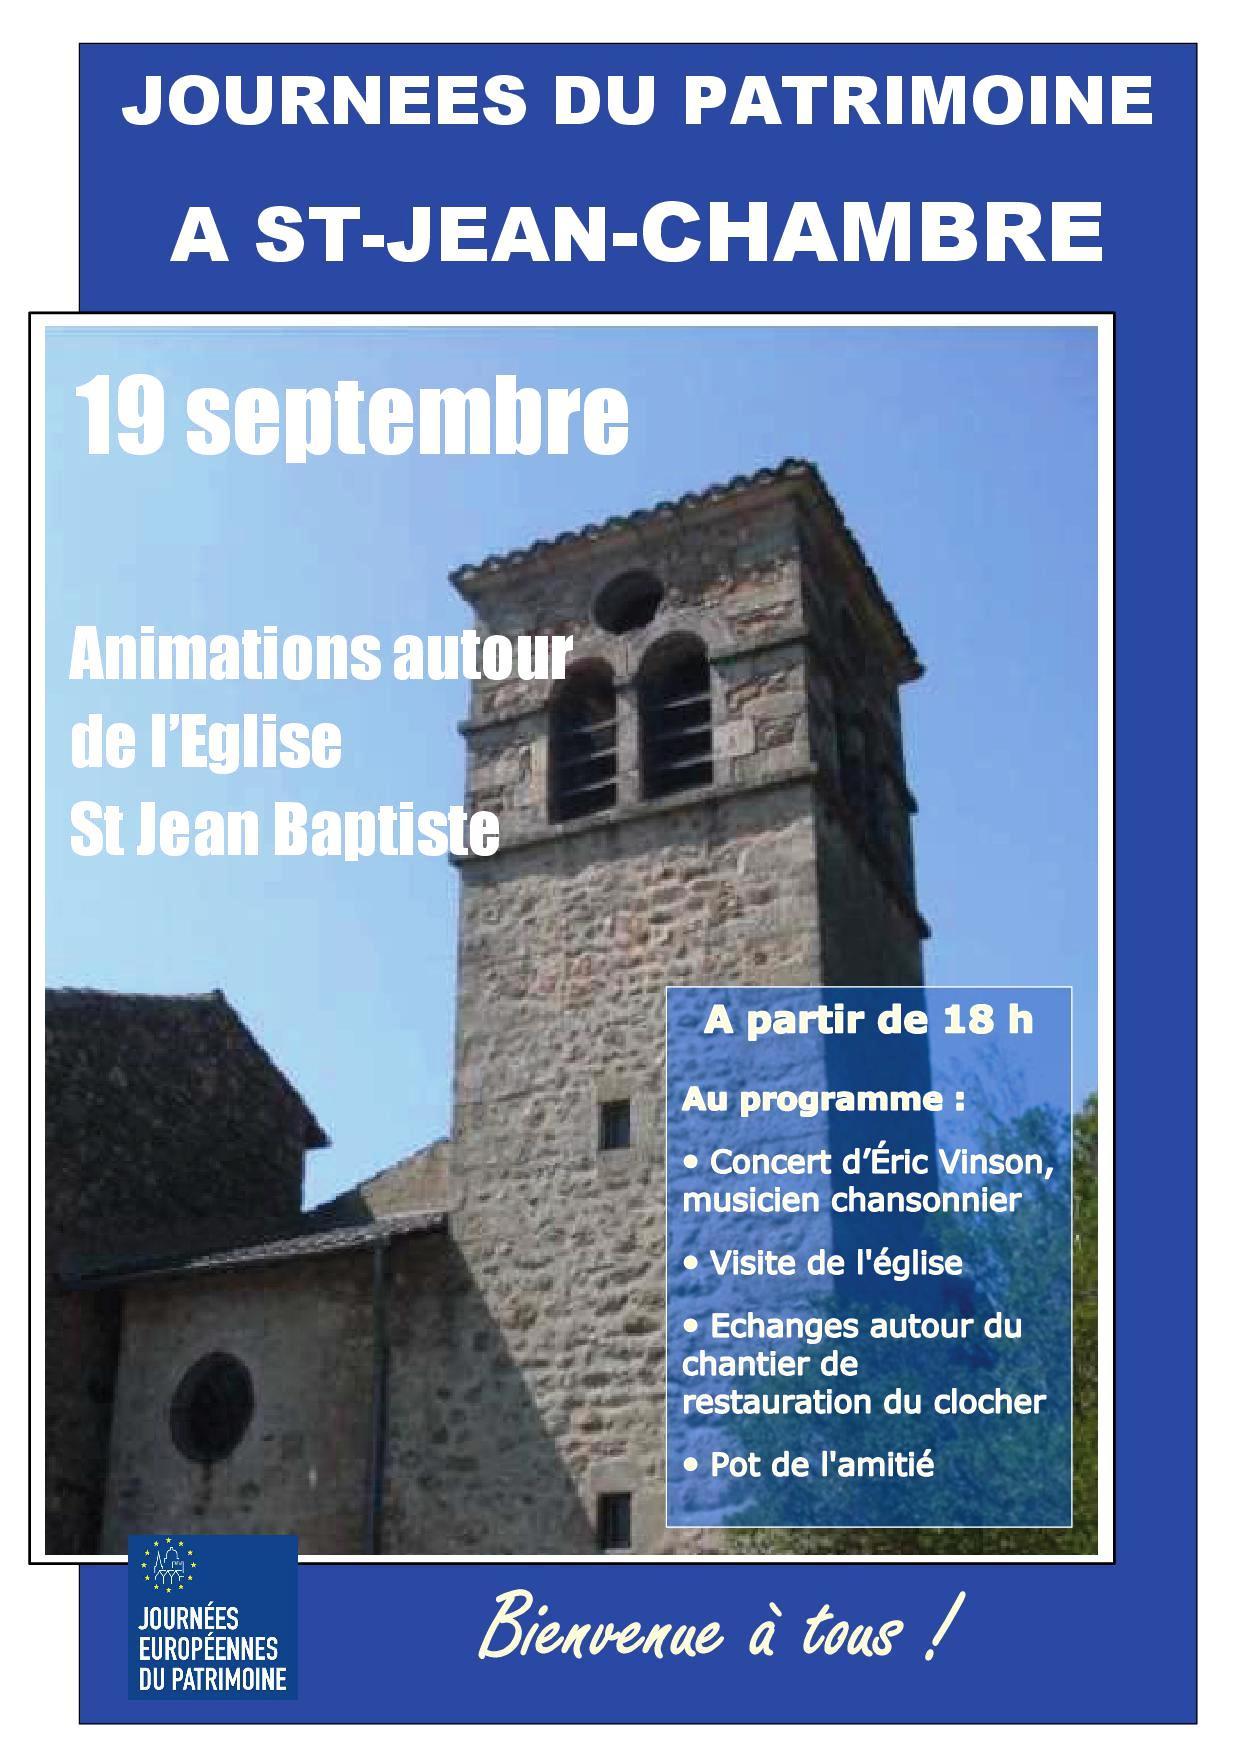 Rendez-vous futés ! : Journées européennes du patrimoine : animations autour de l'église Saint-Jean-Baptiste